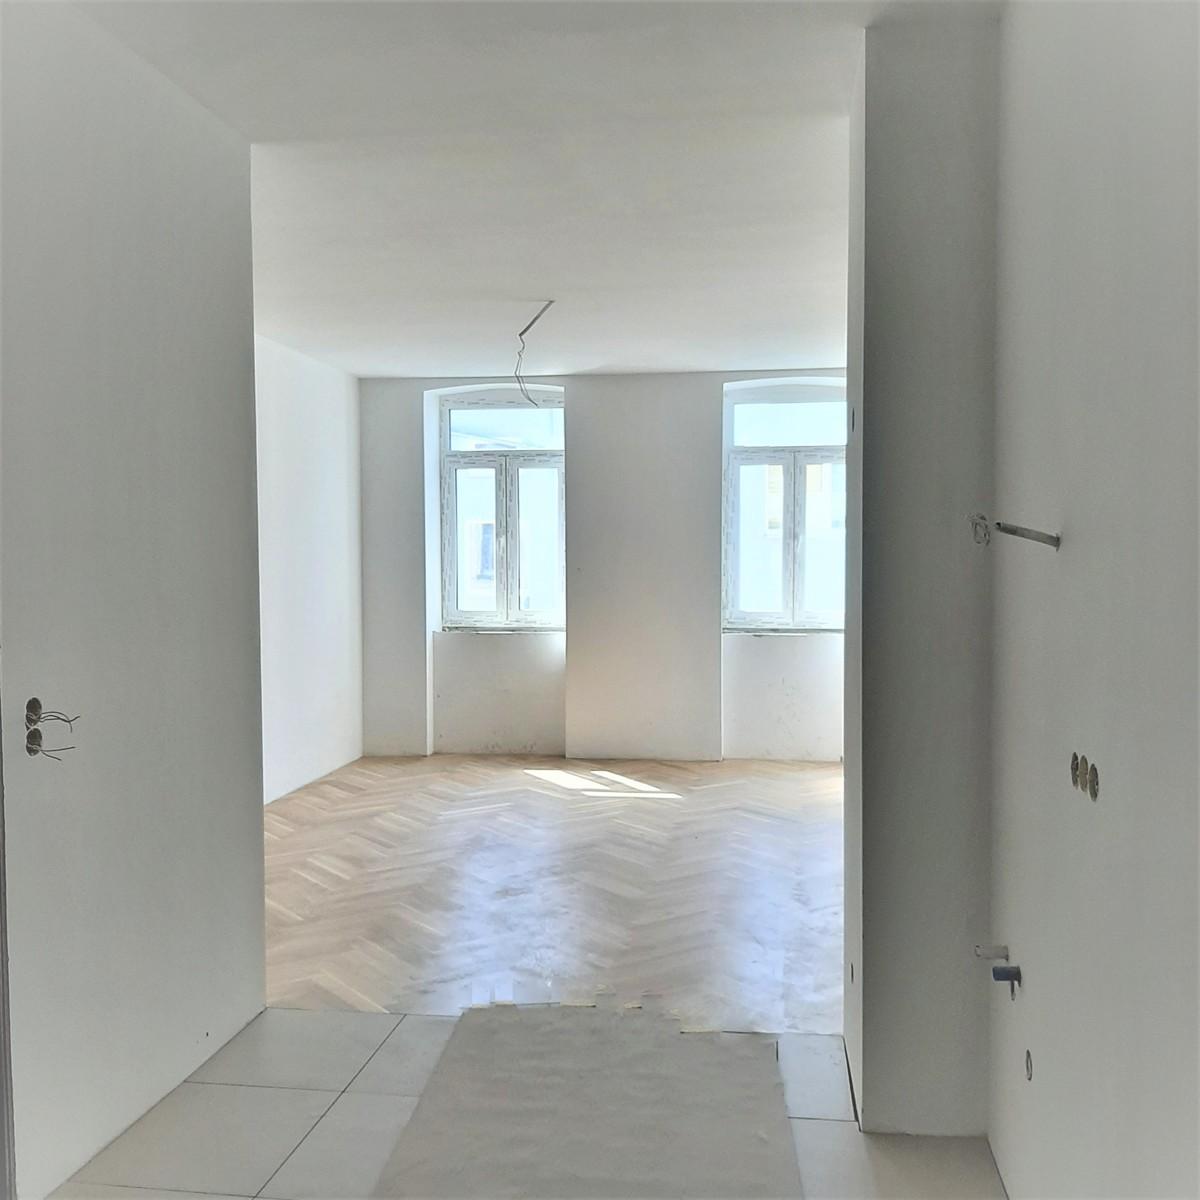 Wohnzimmer Hauslabgasse